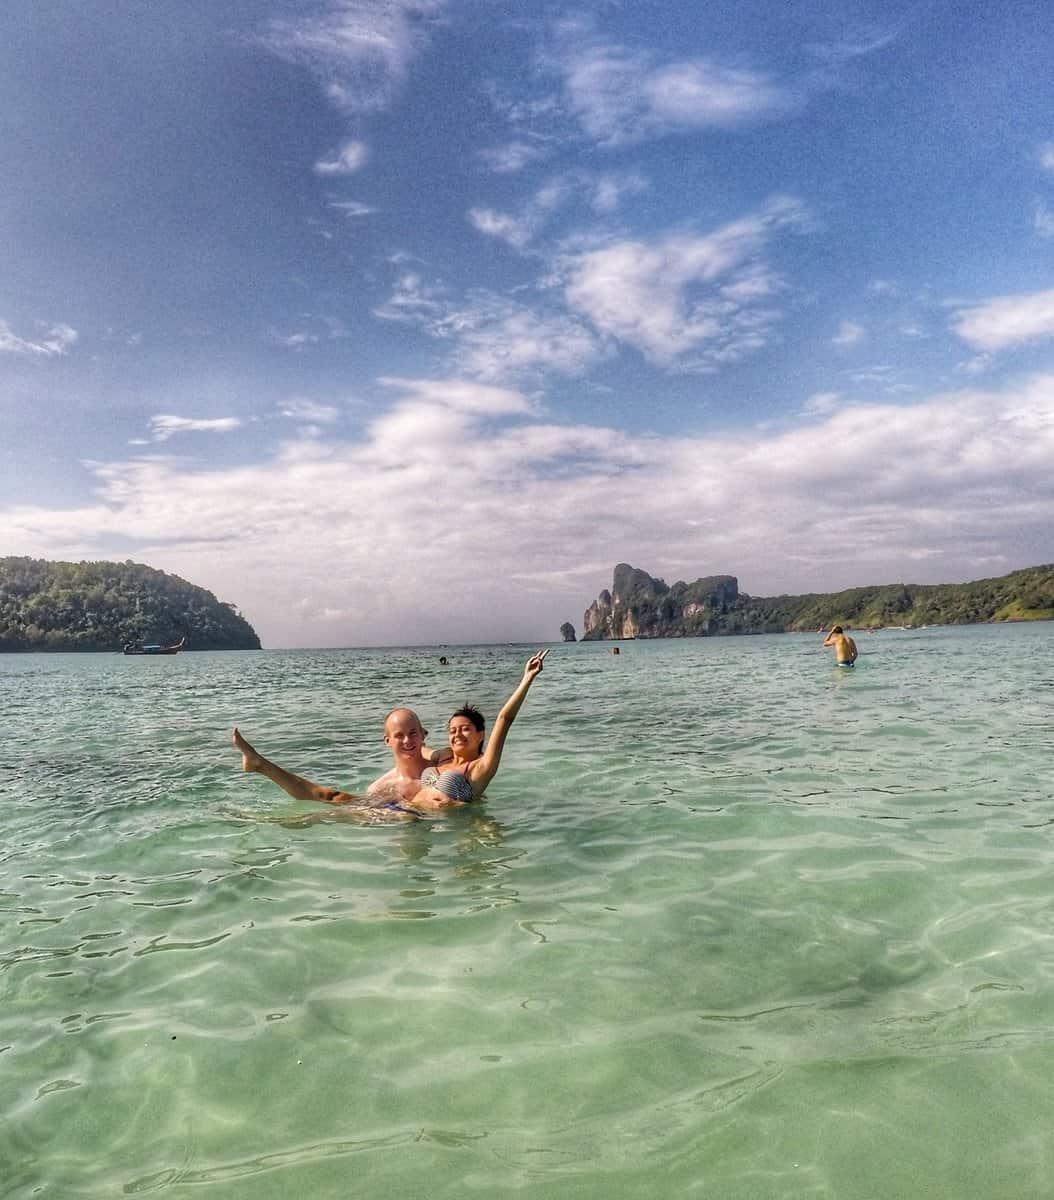 Thai Island Koh Phi Phi: Planning 2 Weeks In Thailand